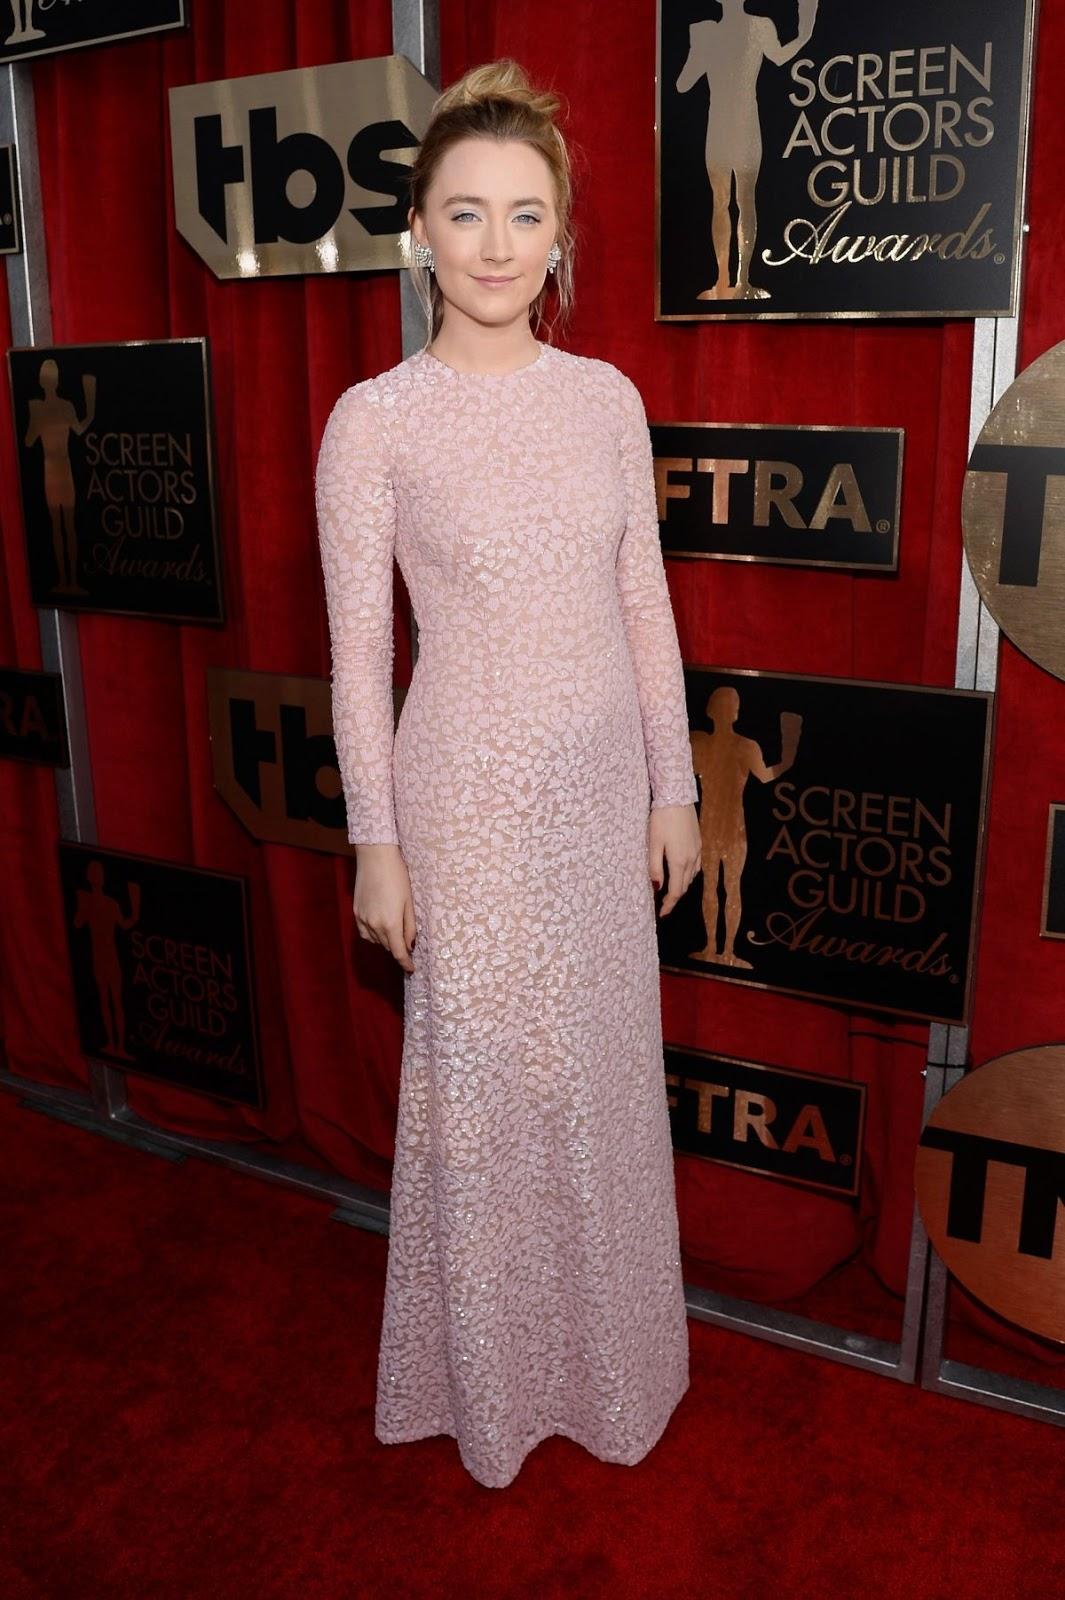 SAG Awards 2016 - Saoirse Ronan in Pink at Screen actors Guild Awards in Los Angeles